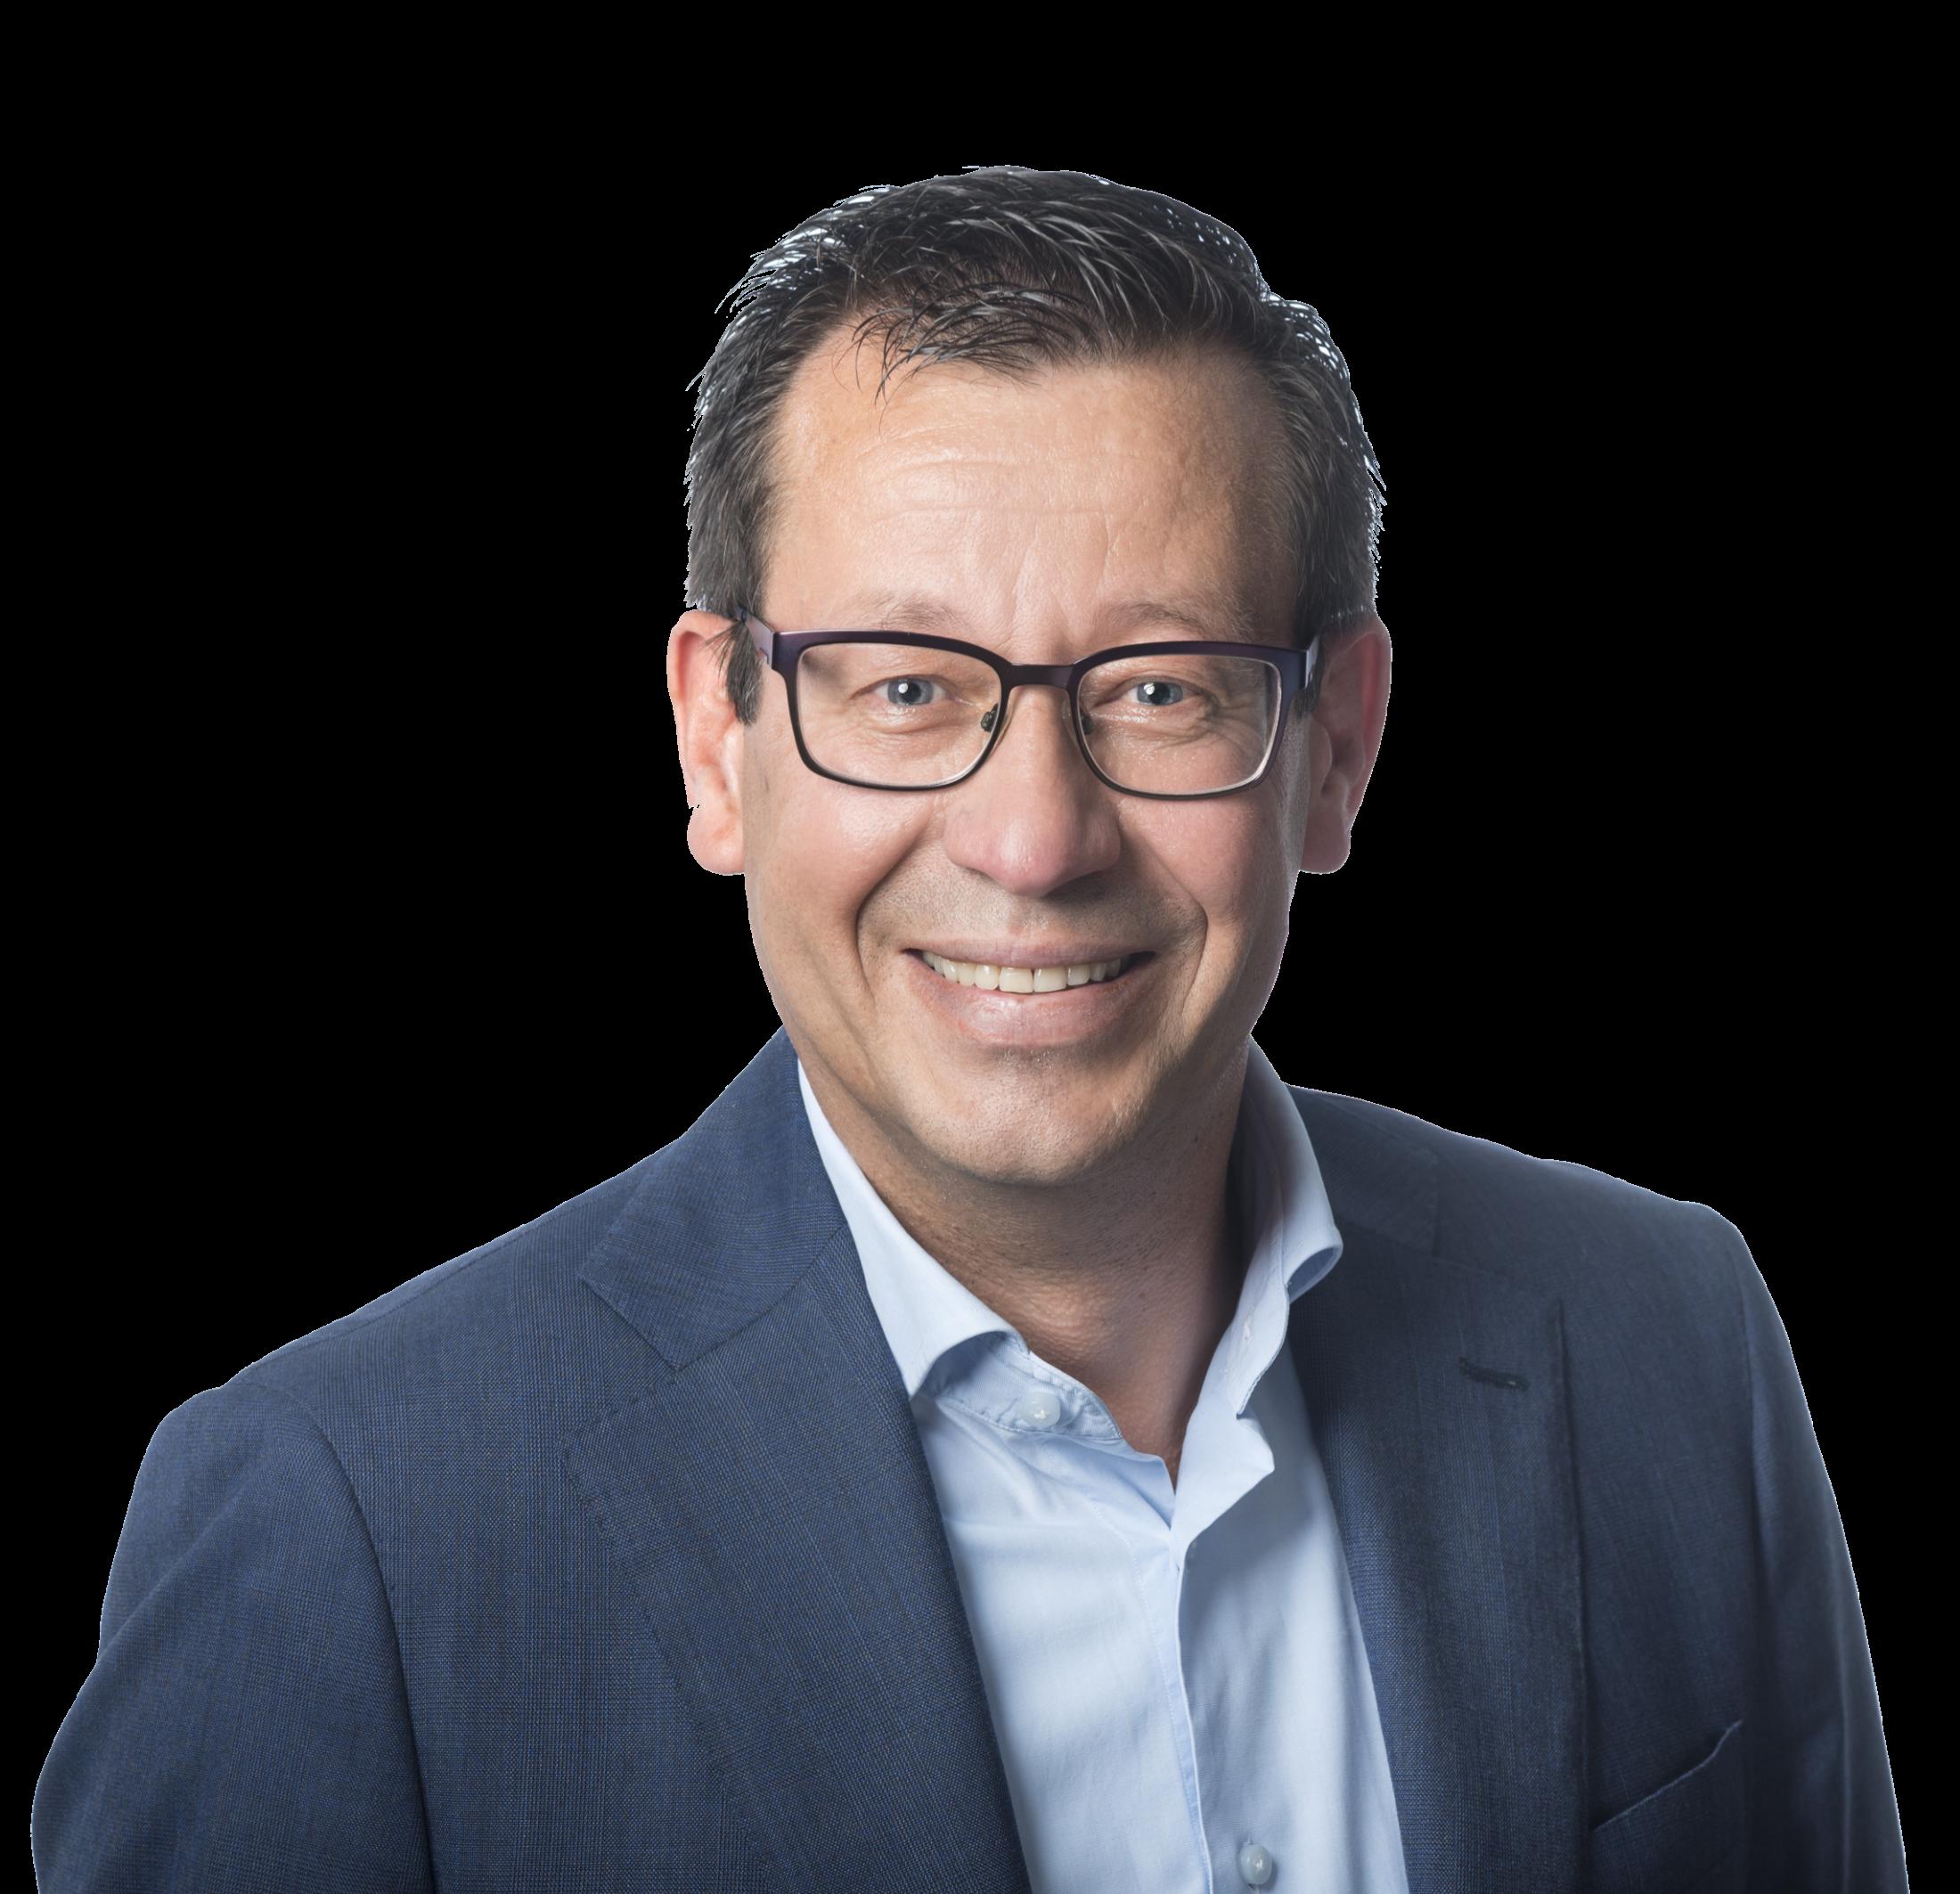 Pieter van Nieuwaal